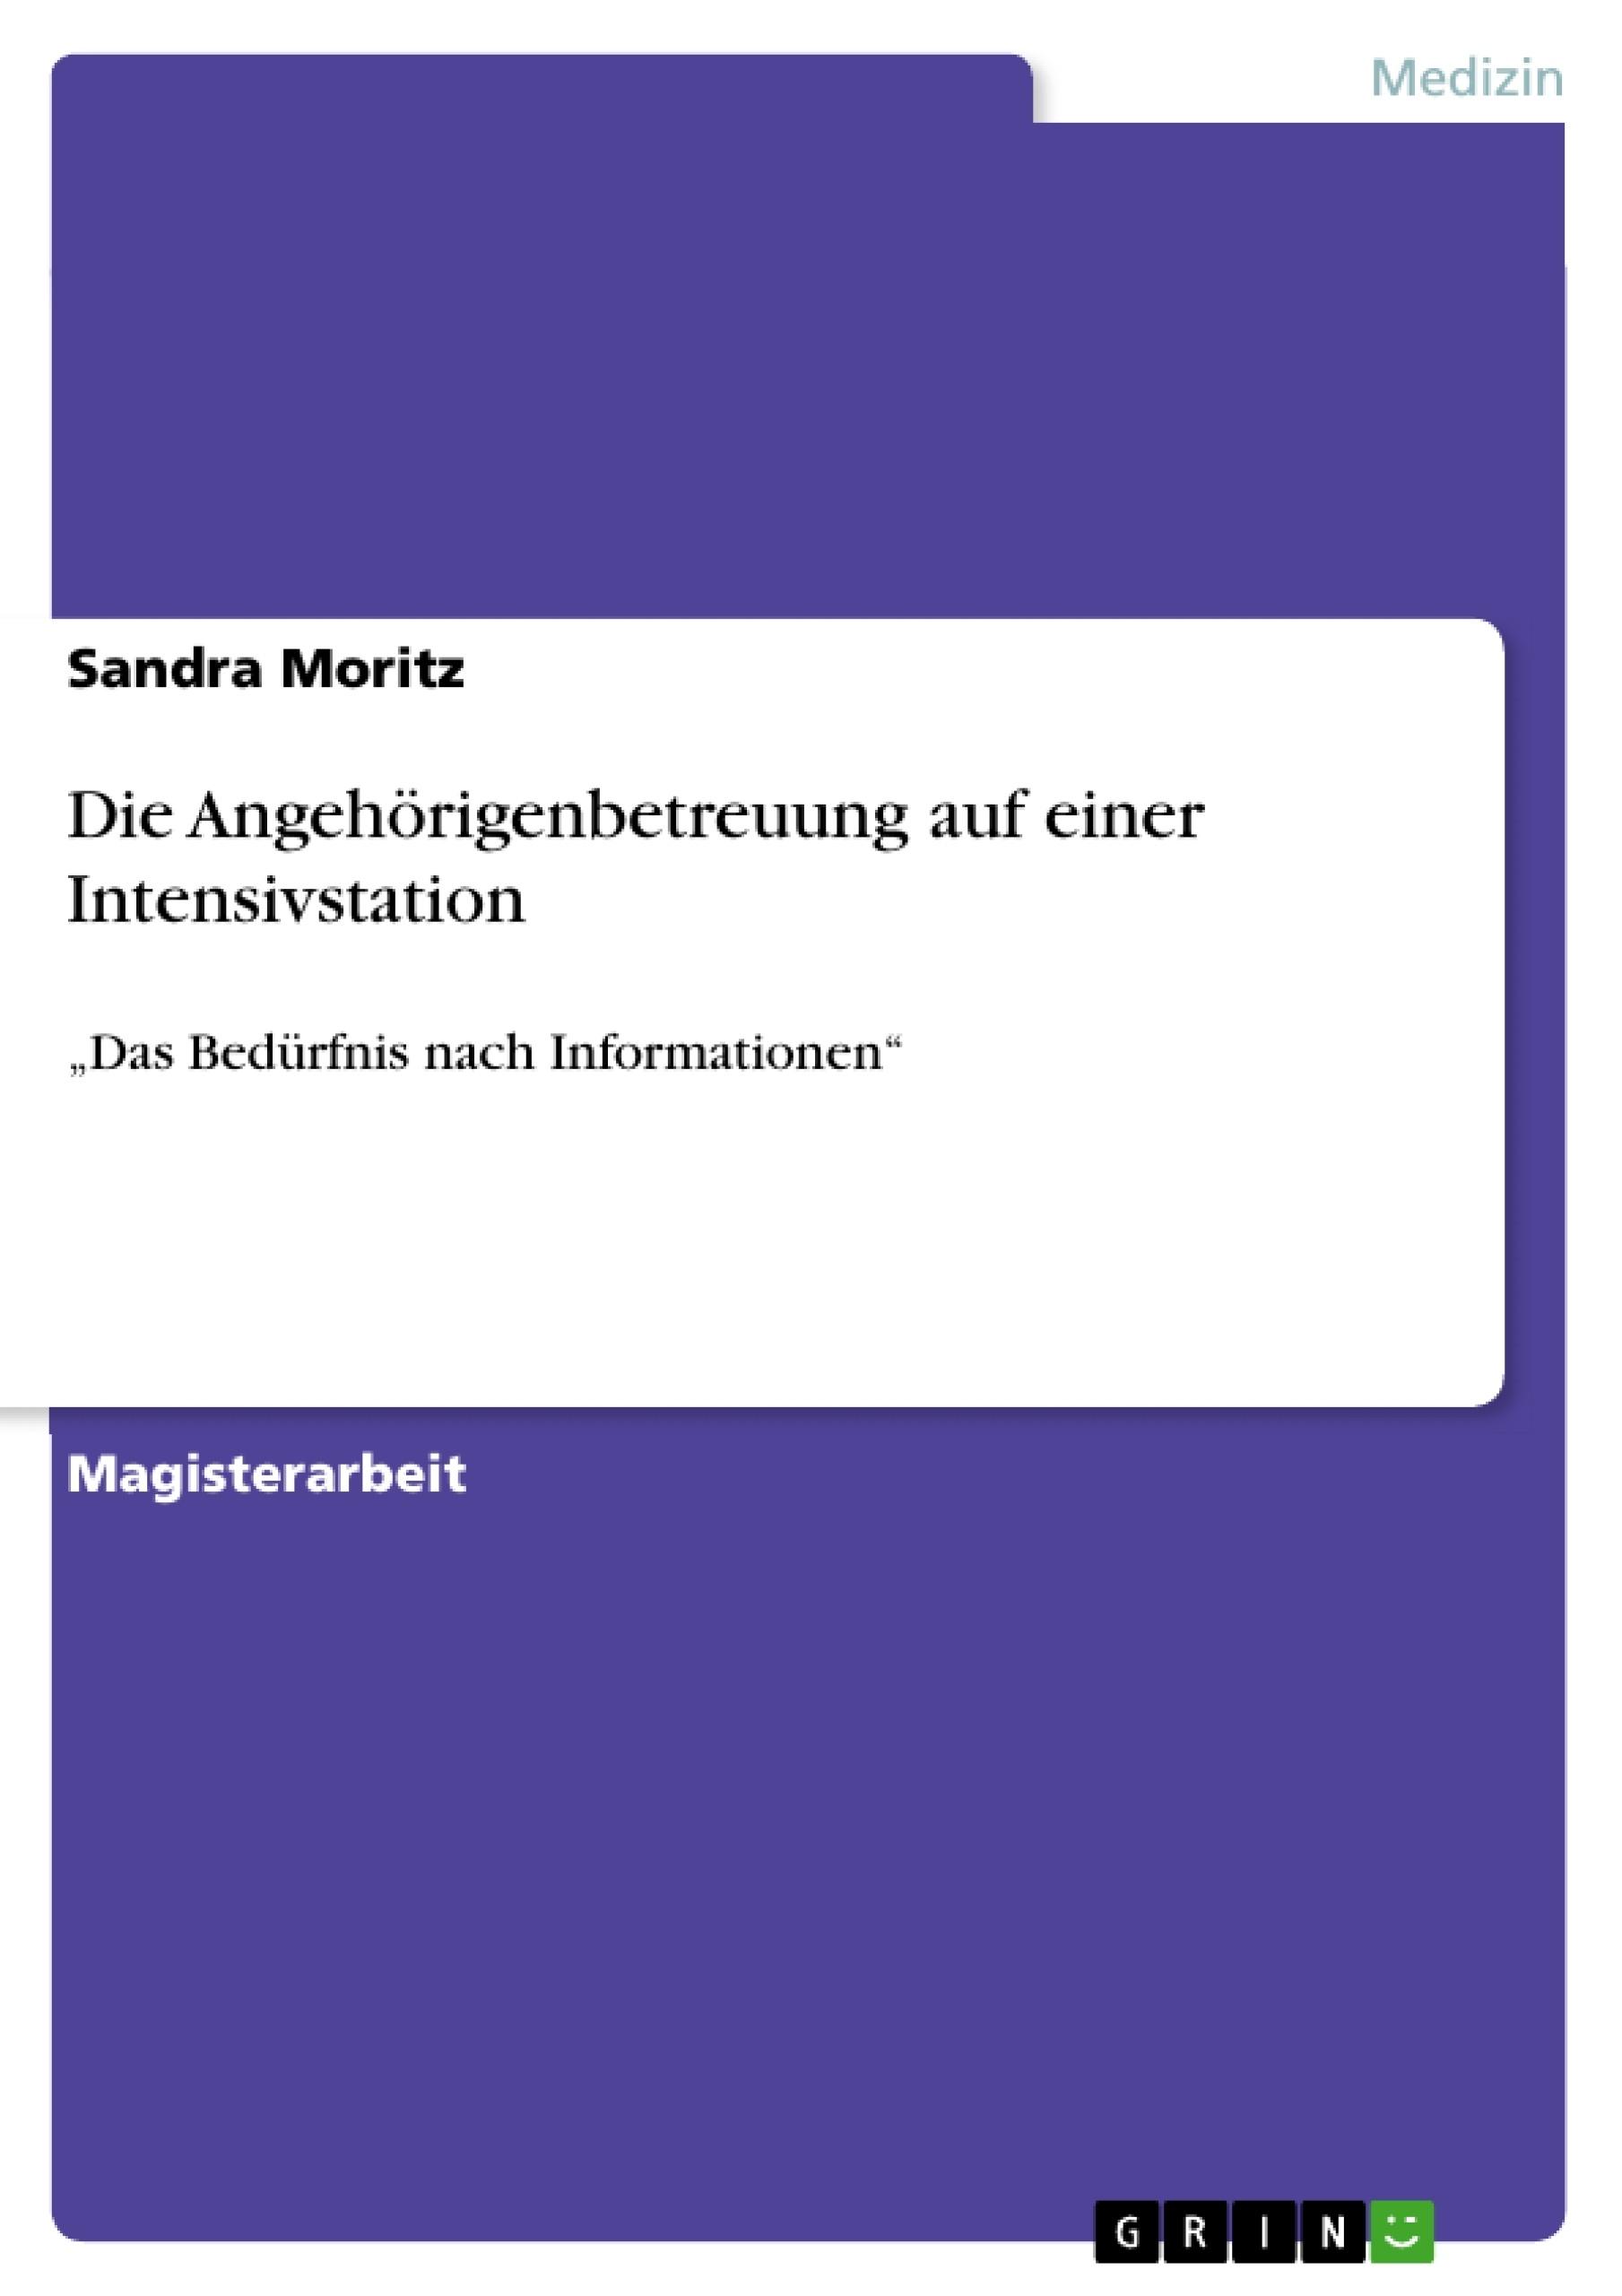 Titel: Die Angehörigenbetreuung auf einer Intensivstation